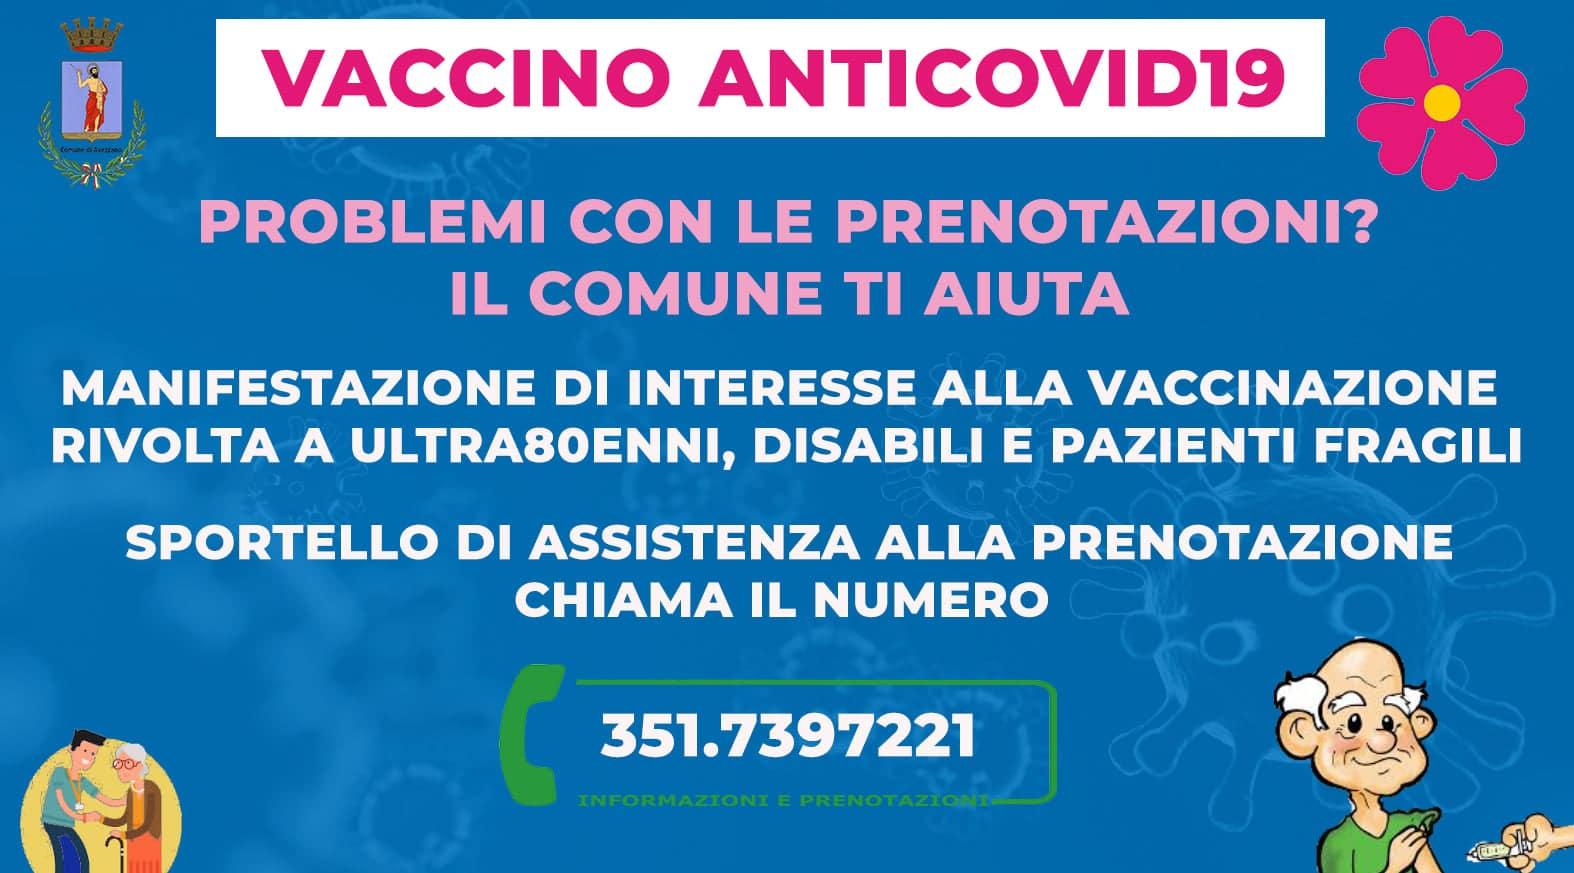 Vaccino anticovid: devi iscriverti in piattaforma? Il Comune di Avezzano ti aiuta